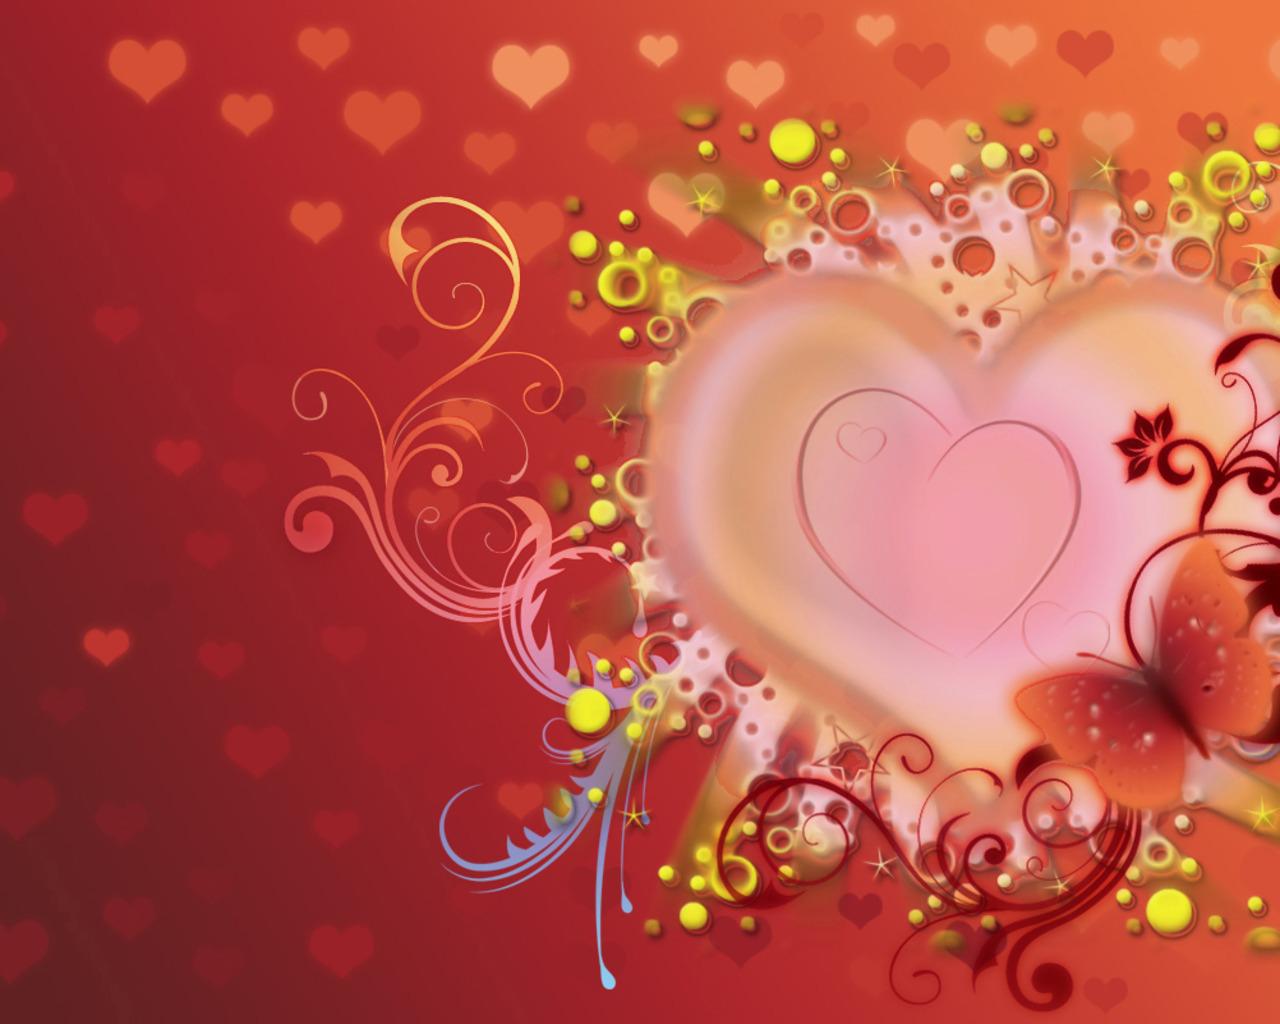 http://2.bp.blogspot.com/-K1TXg2QS074/TzlGTrOwDPI/AAAAAAAAB4c/jVRSD7-smGA/s1600/Valentines%20Day%20Wallpaper19.jpg